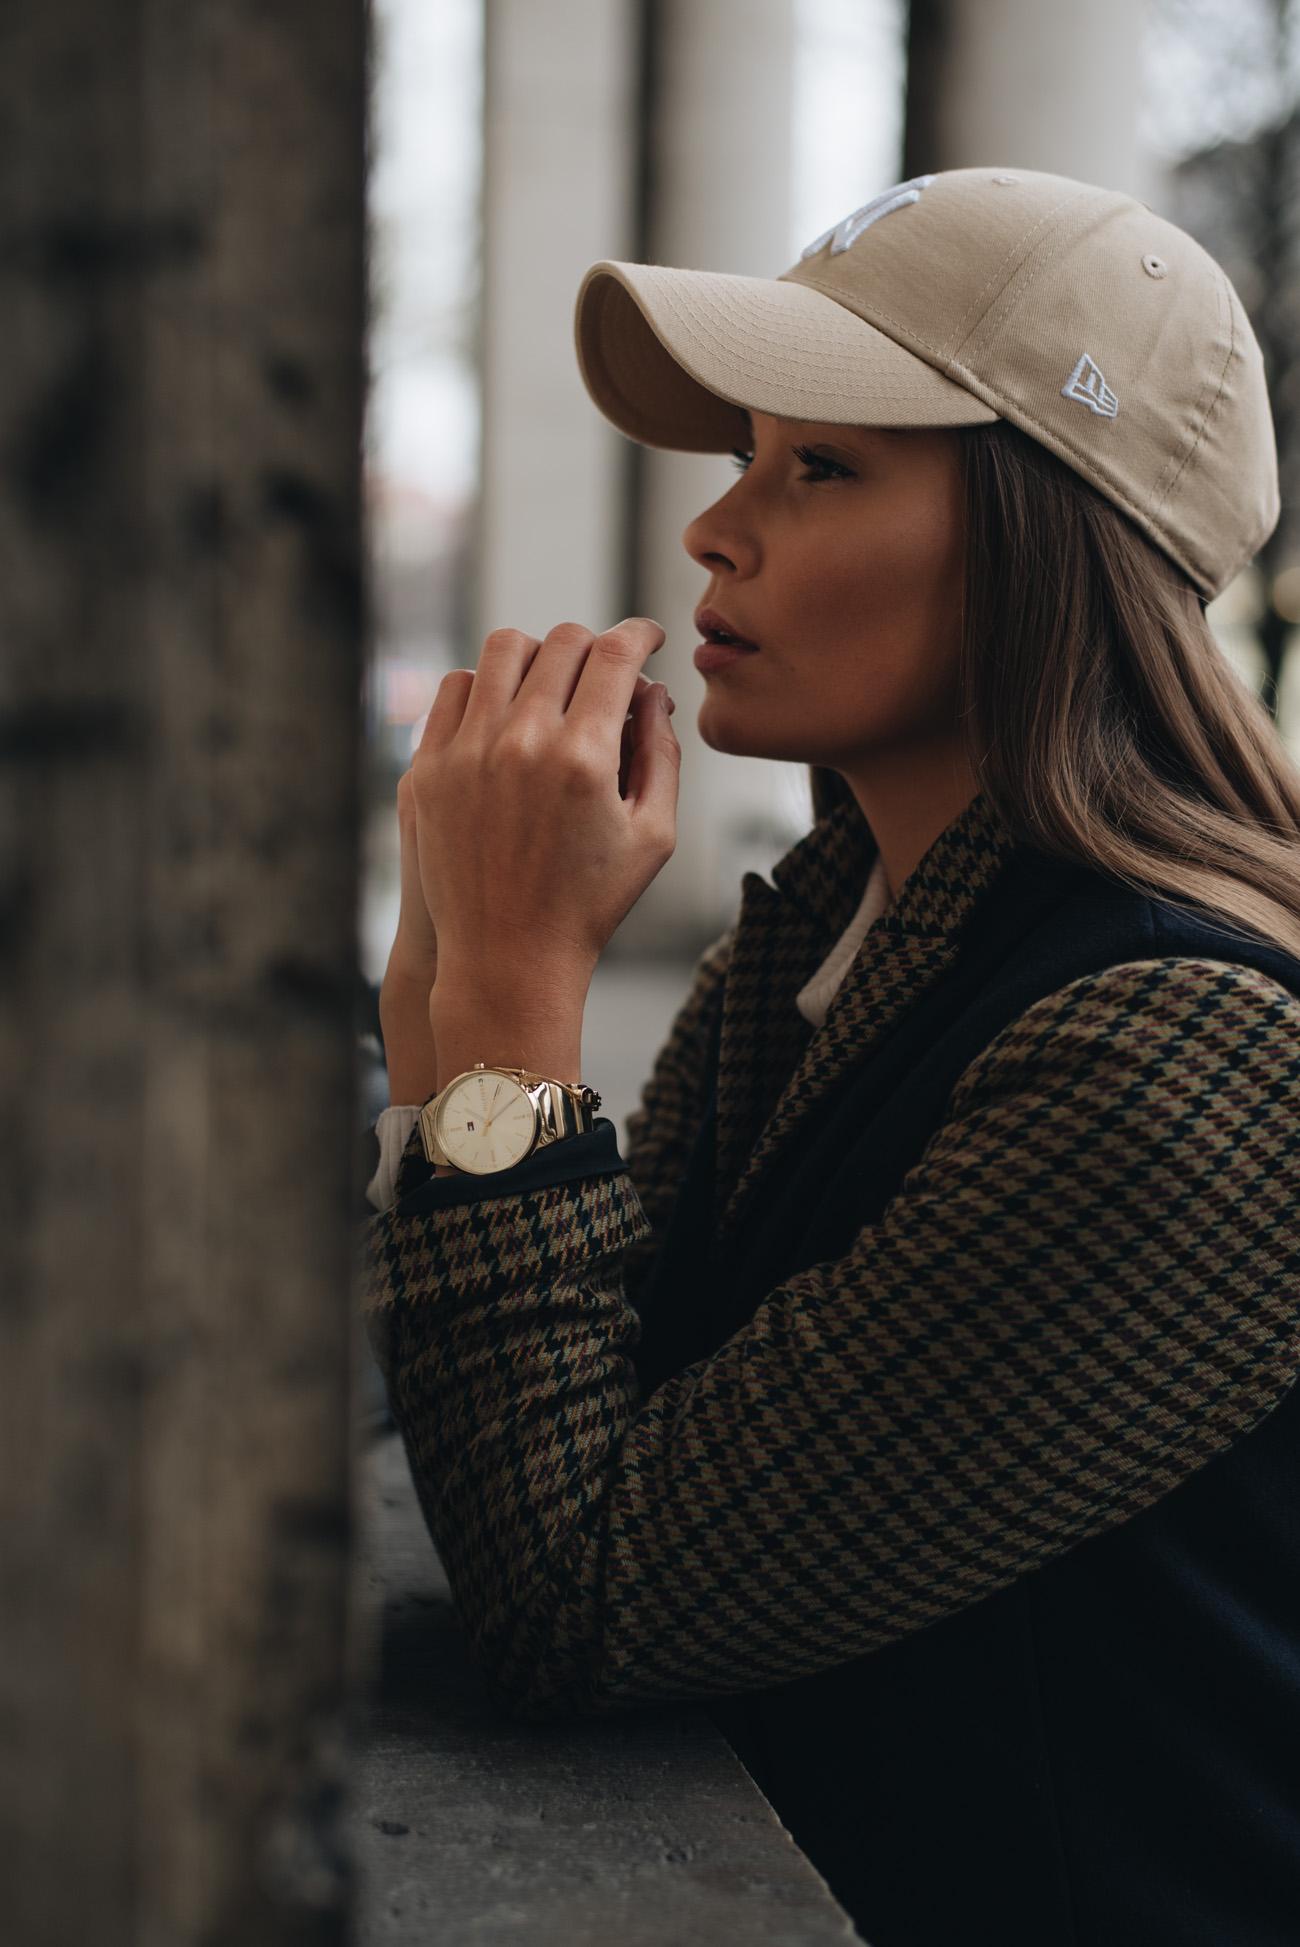 Nina-Schwichtenberg-mode-und-beauty-bloggerin-deutschland-münchen-fashiioncarpet-New-Era-Cap-Mützen-Trends-2018-Blazer-Oversize